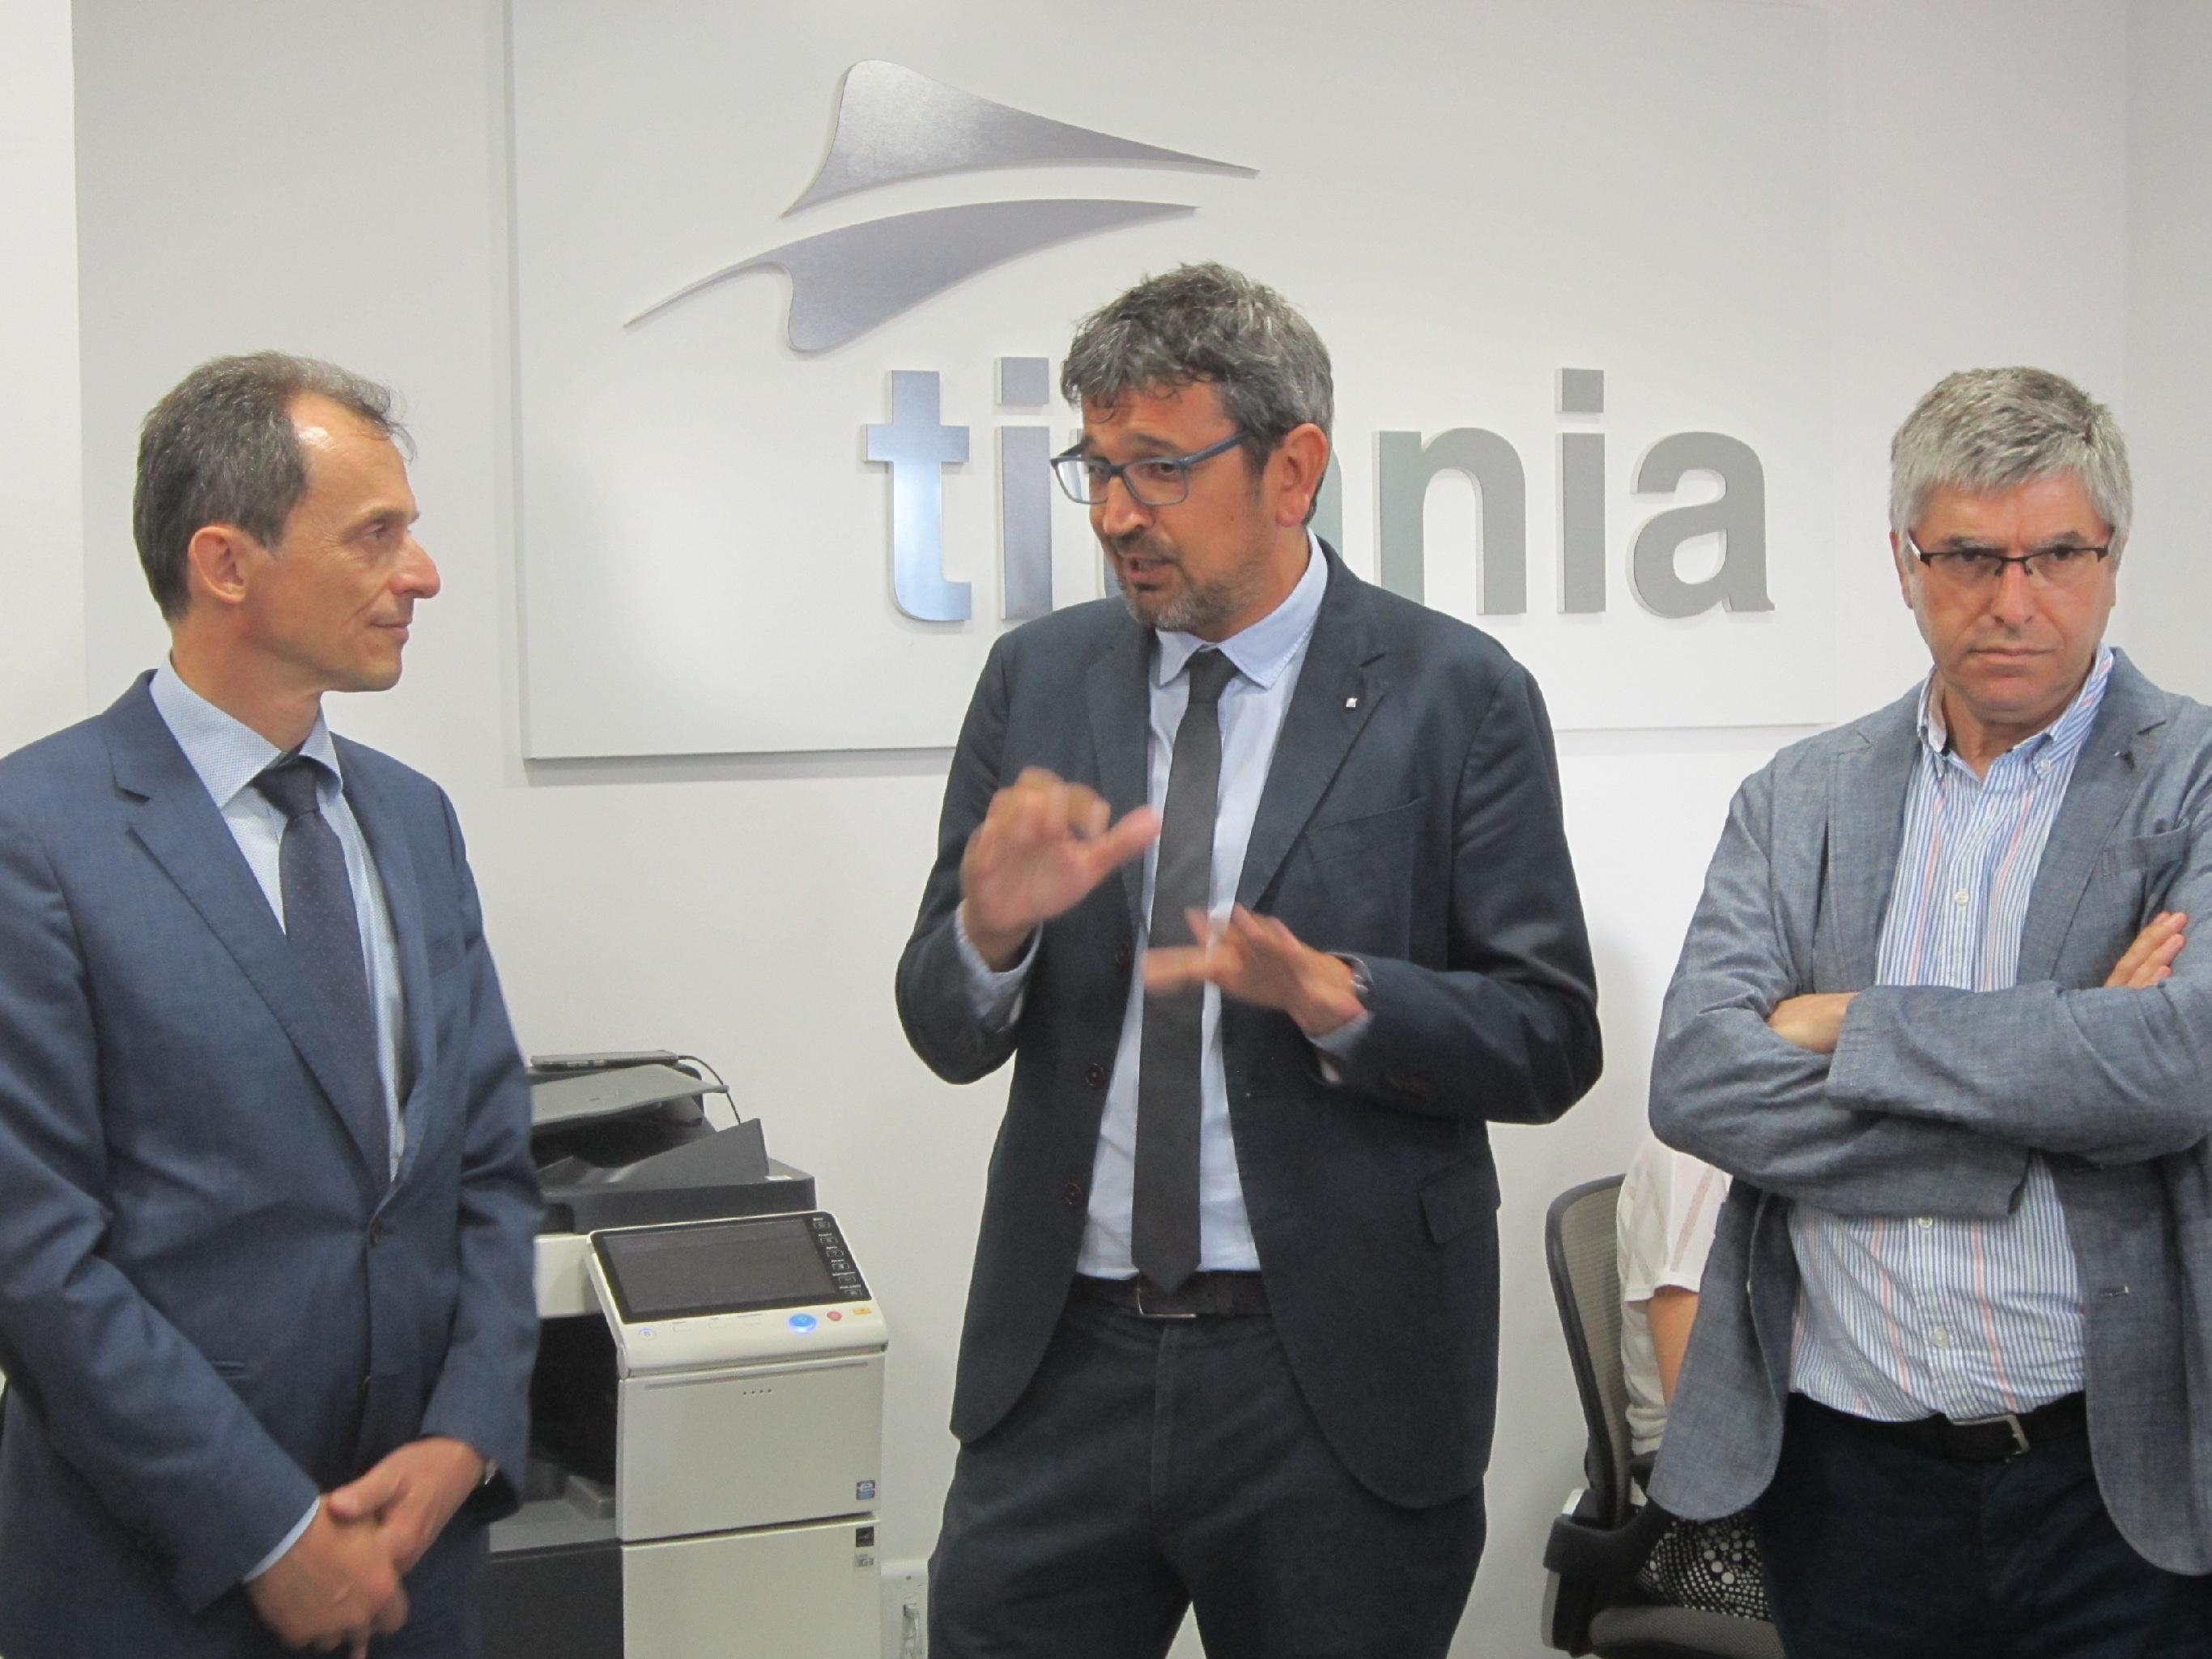 El ministro Pedro Duque visita la sede de titania